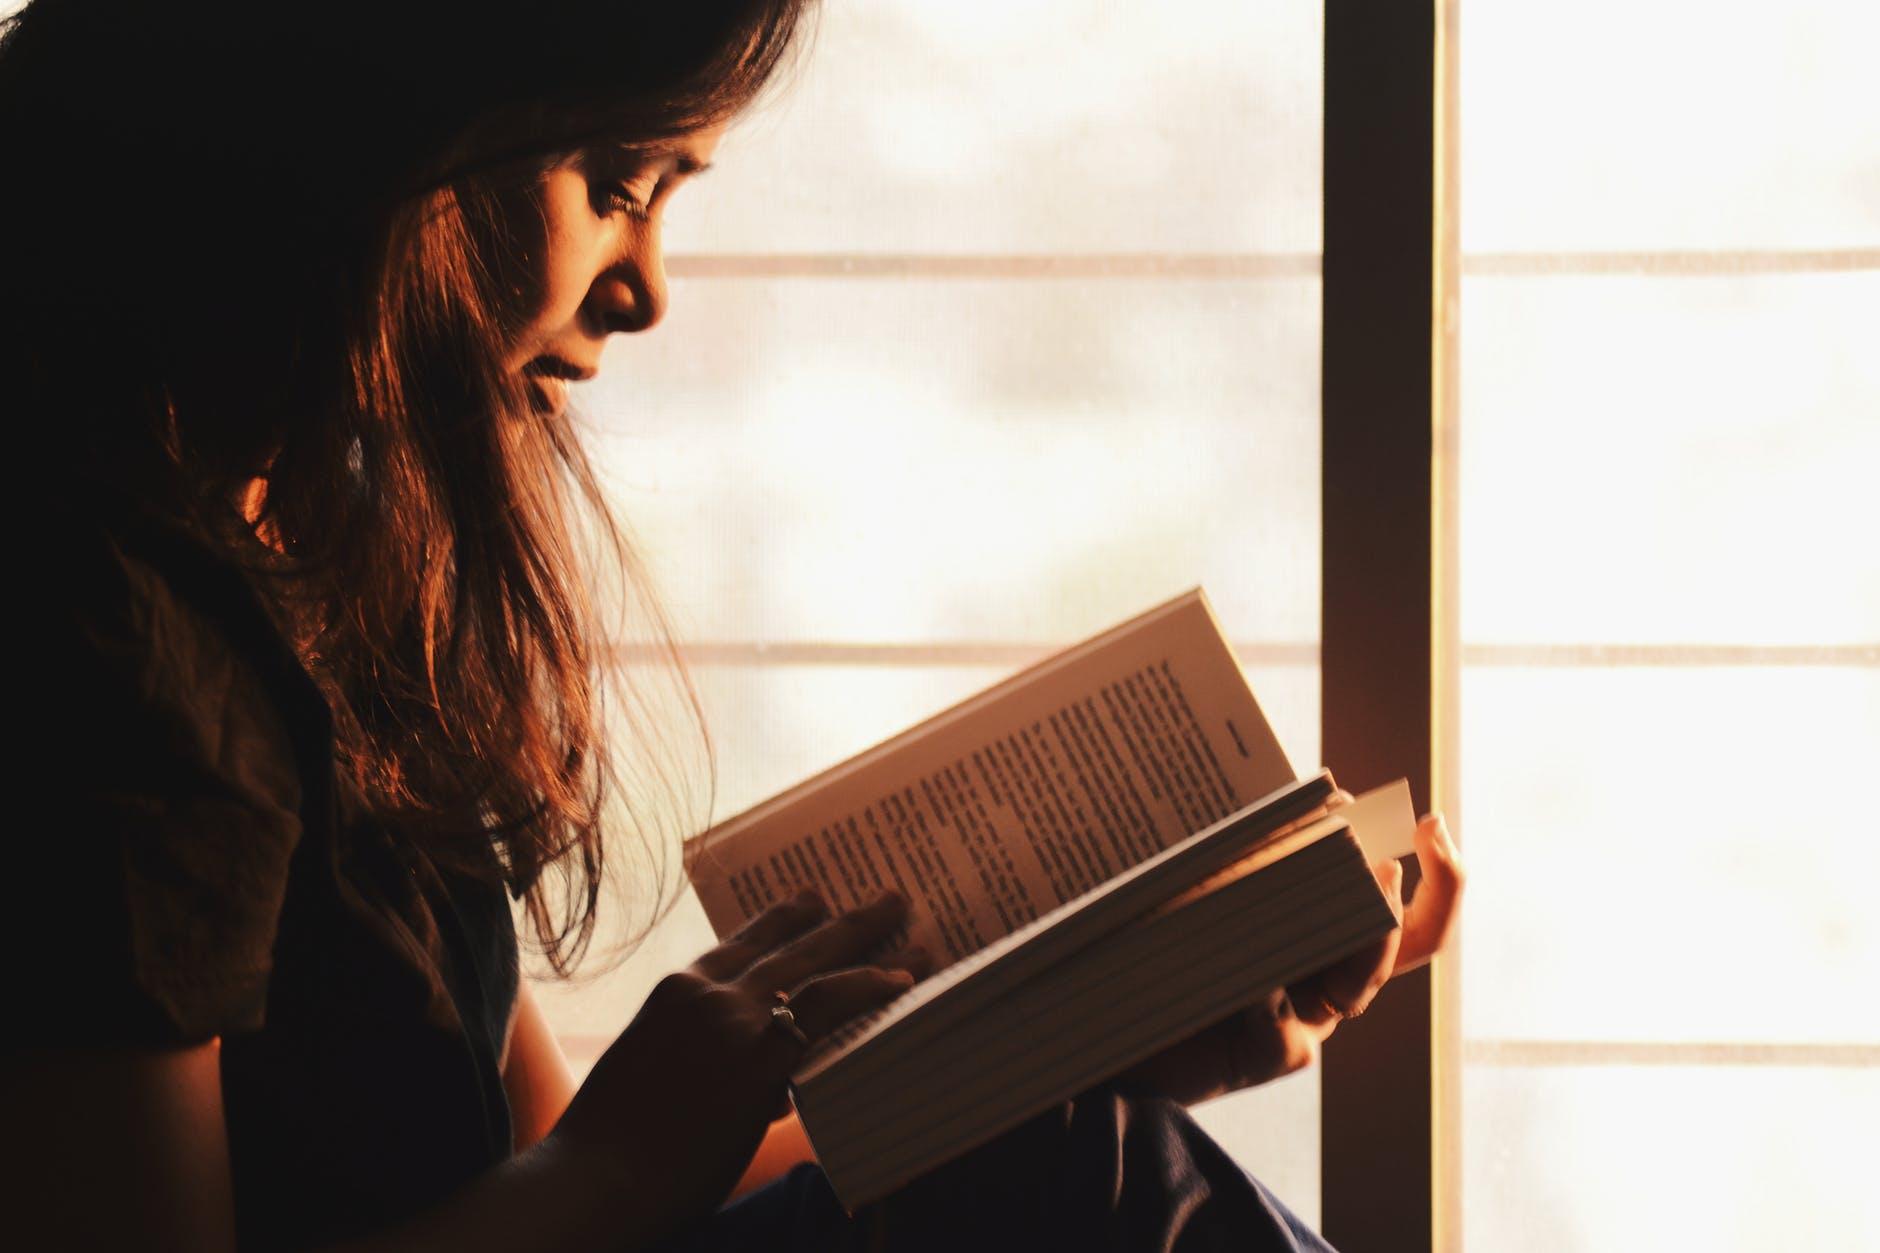 Kvinde der læser en selvhjælpsbog